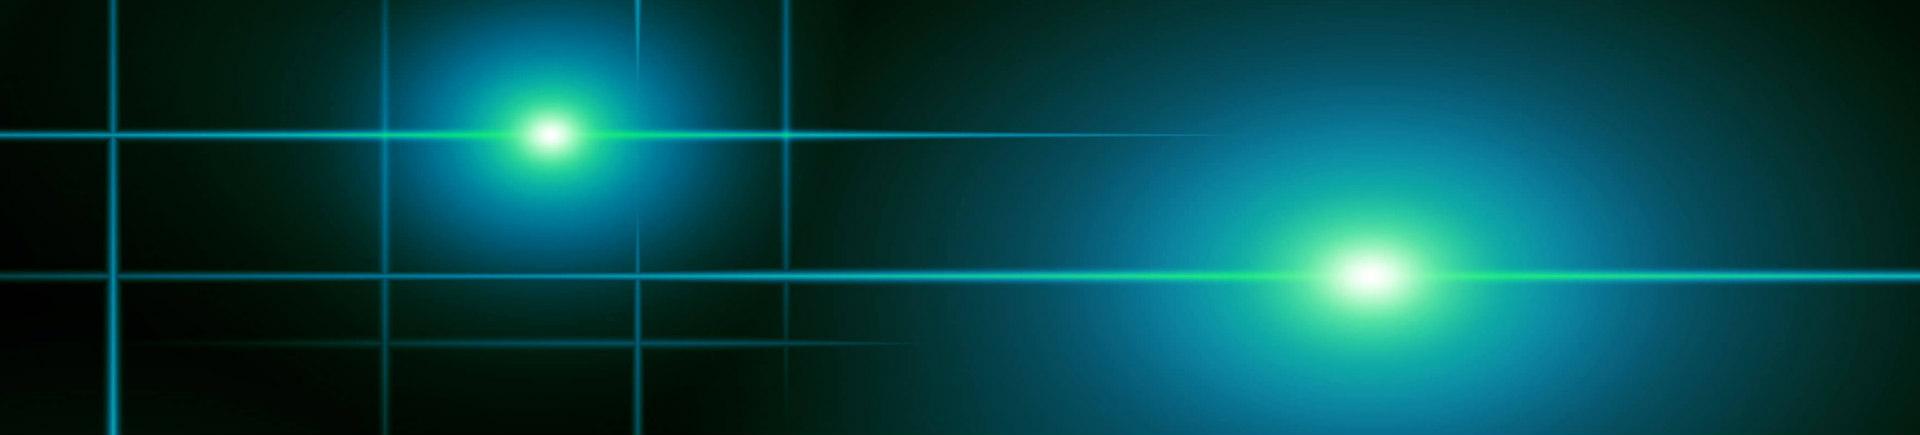 light-978933